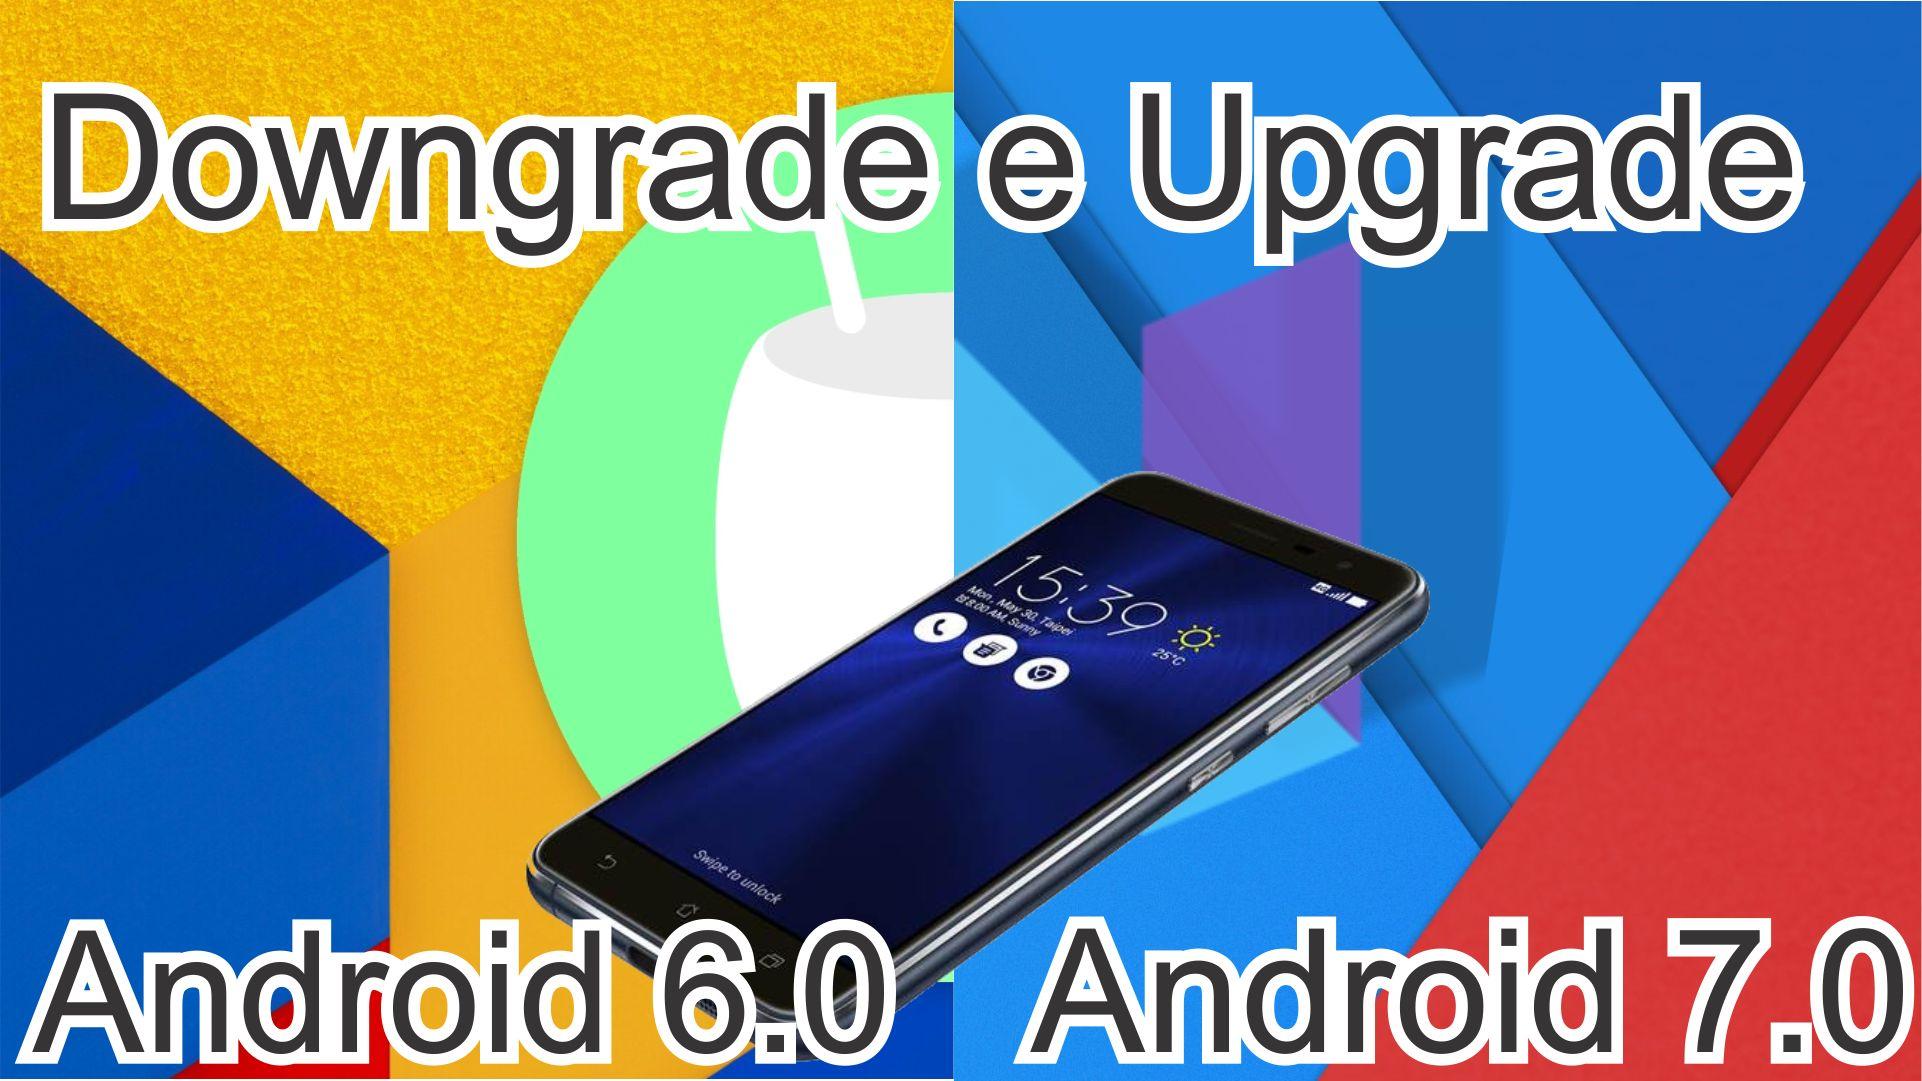 Downgrade e Upgrade Zenfone 3 qualquer versão do Android